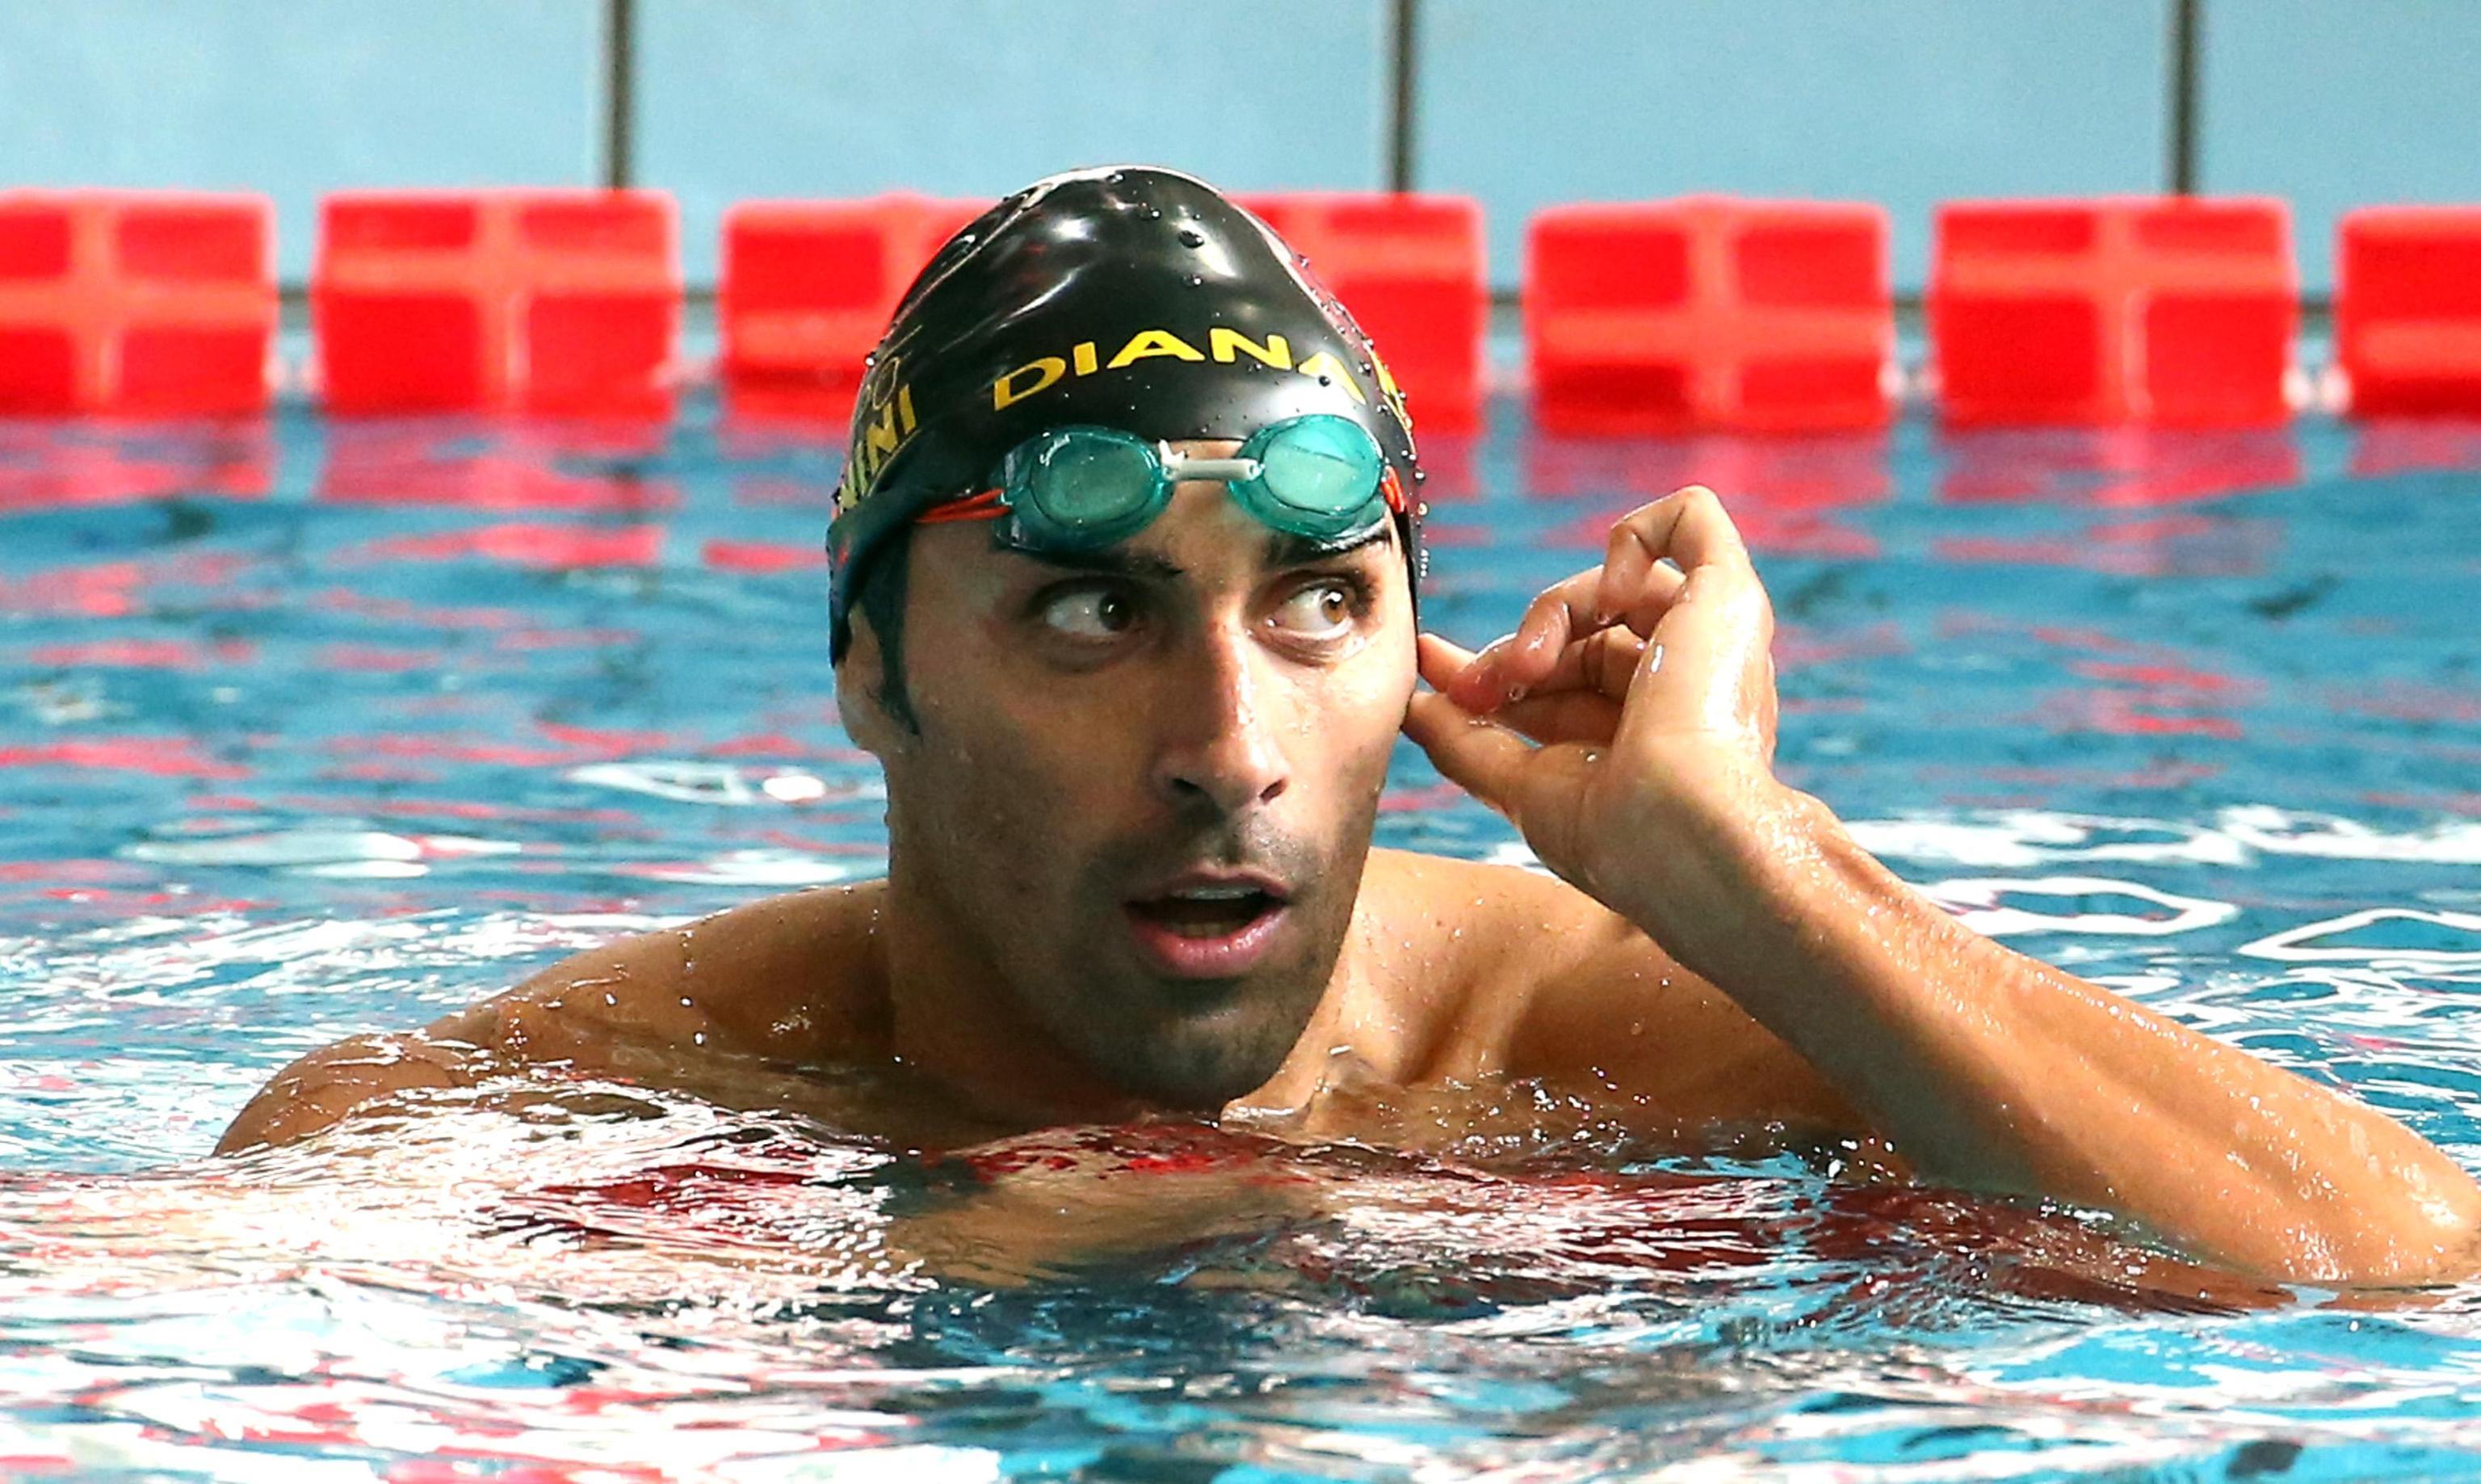 Caos doping per Magnini: intercettazioni lo inchiodano, ufficiale il deferimento